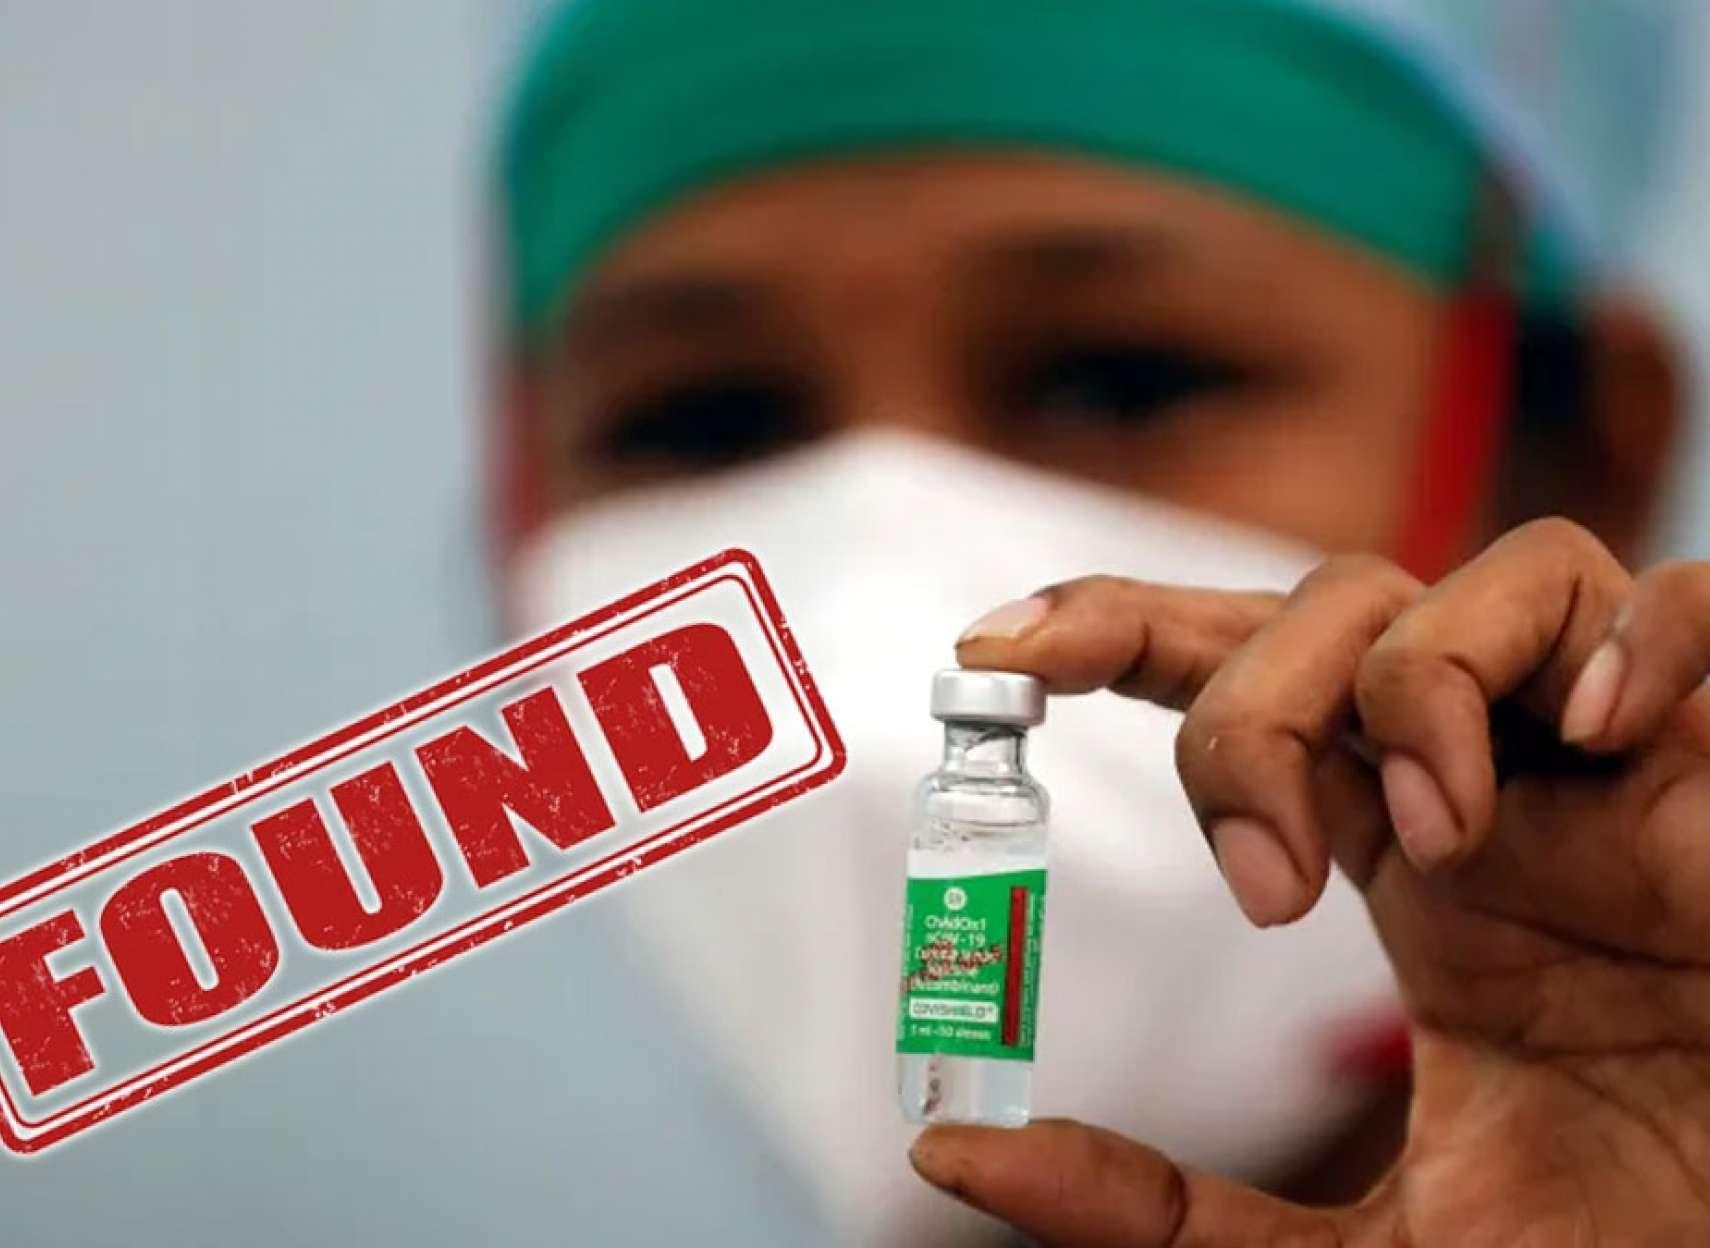 اخبار-علمی-کشف-علت-لختگی-خون-مرتبط-با-واکسن-کرونا-توسط-محققان-آلمانی